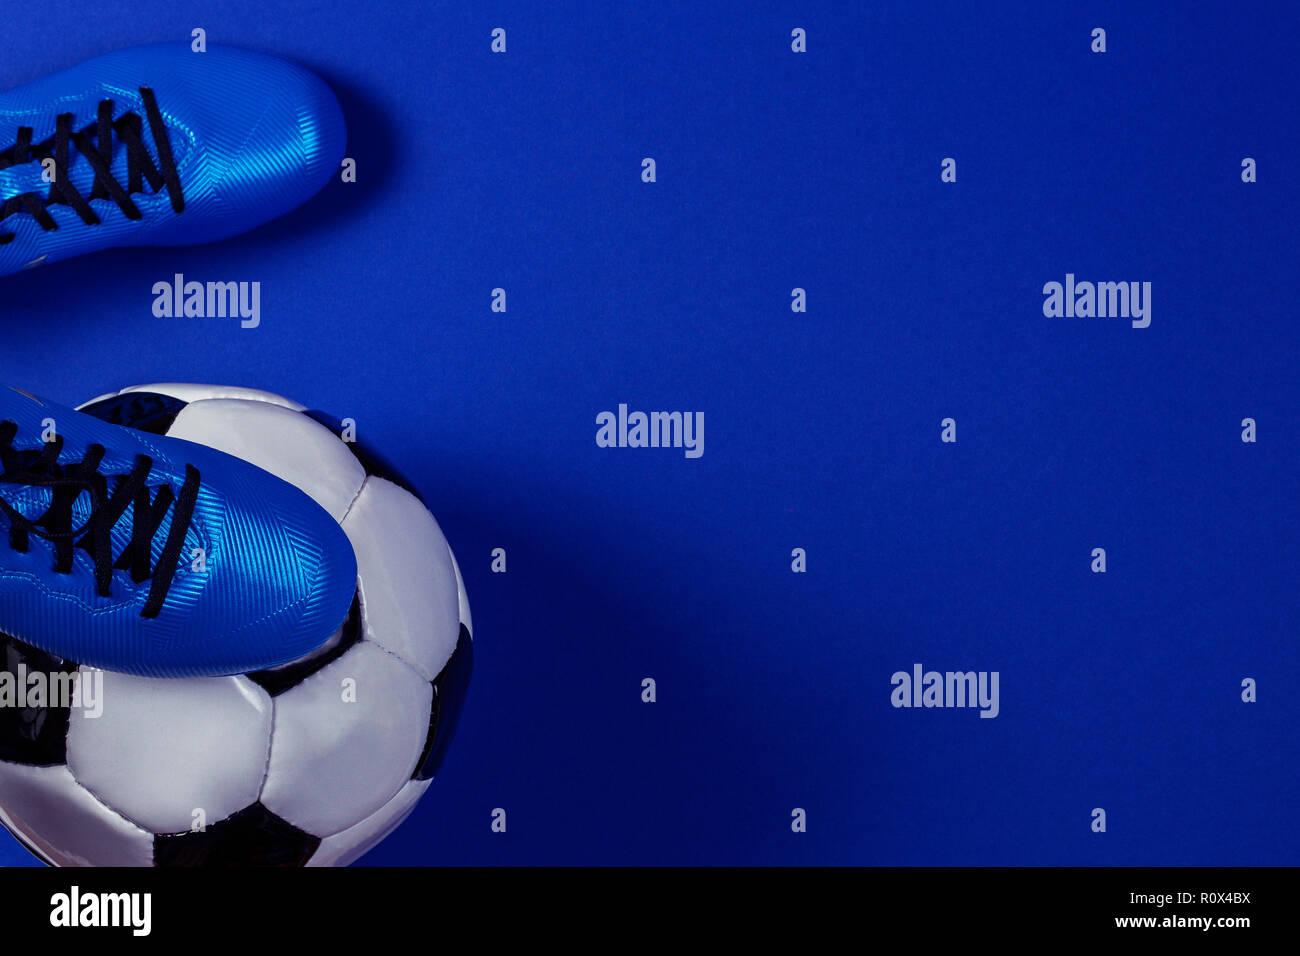 Pallone Da Calcio Sotto I Giocatori Di Calcio Piedi Su Sfondo Blu